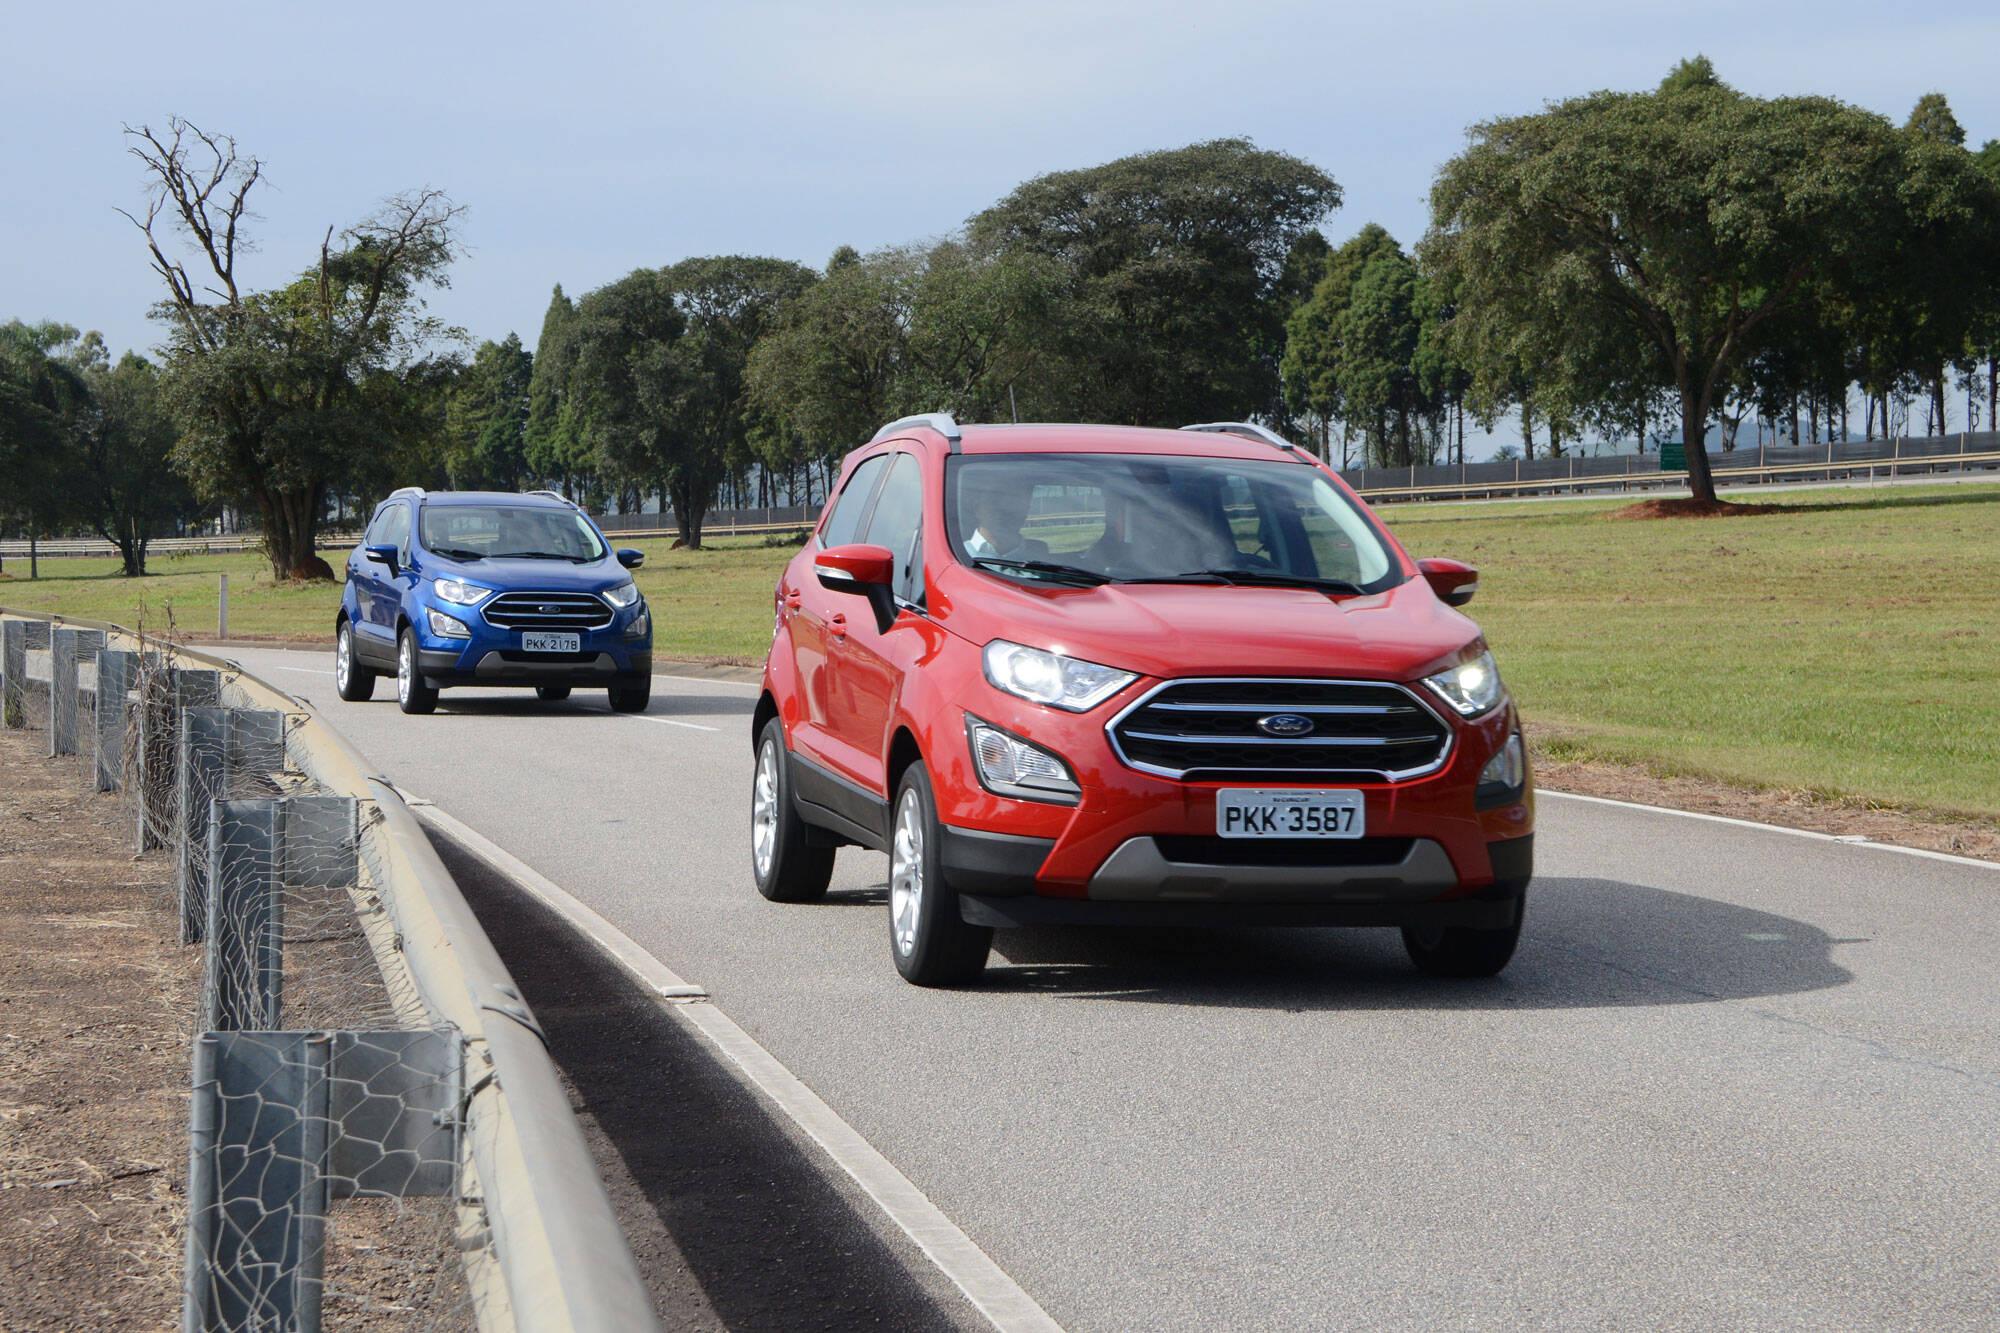 Ford EcoSport 2018. Foto: Divulgação/Ford